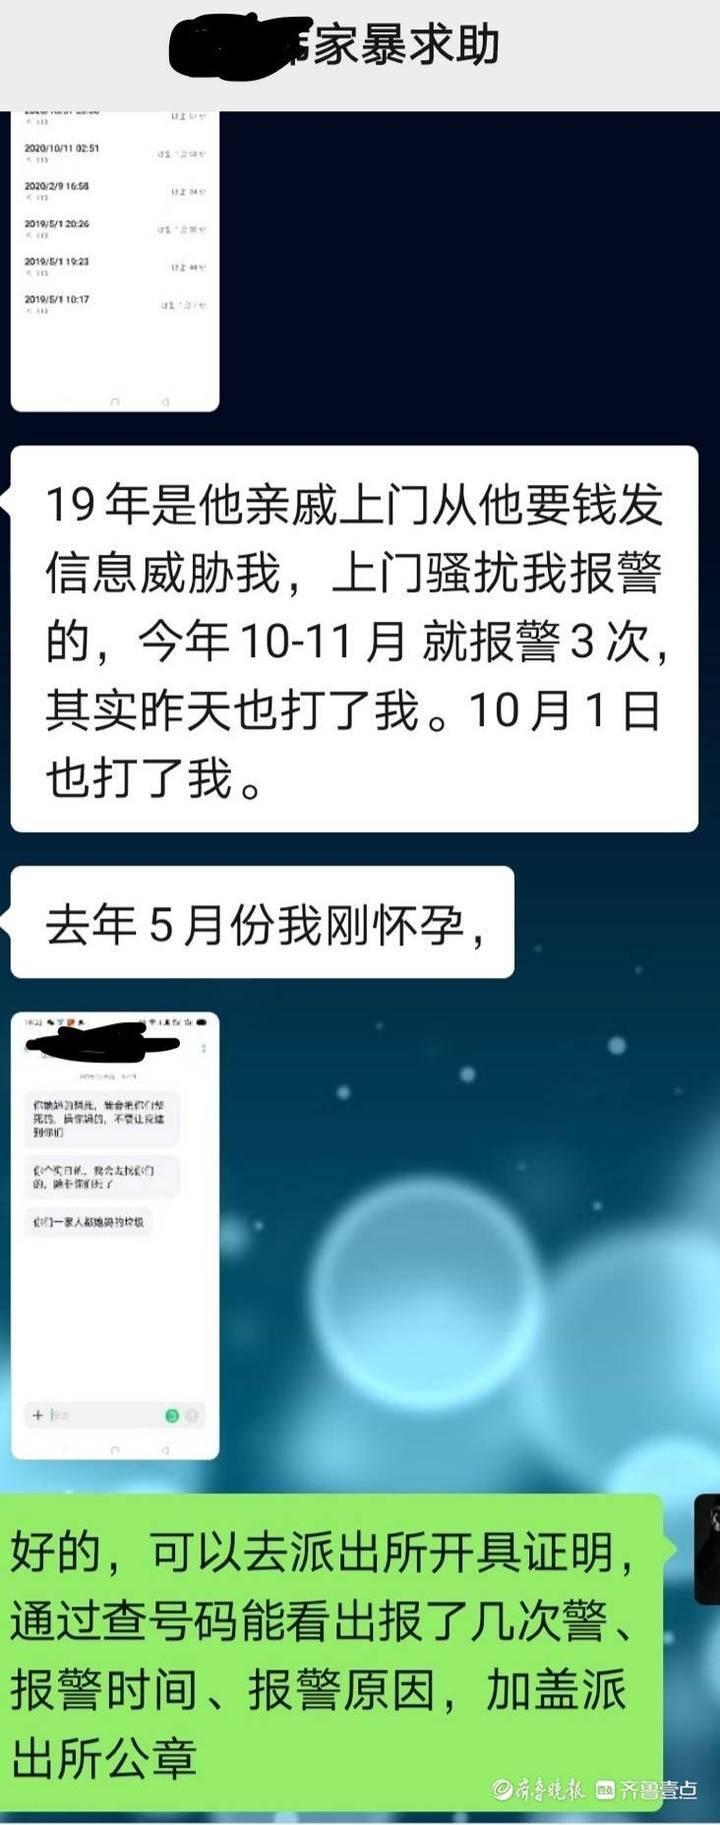 图/张耀威向求助者提供法律援助